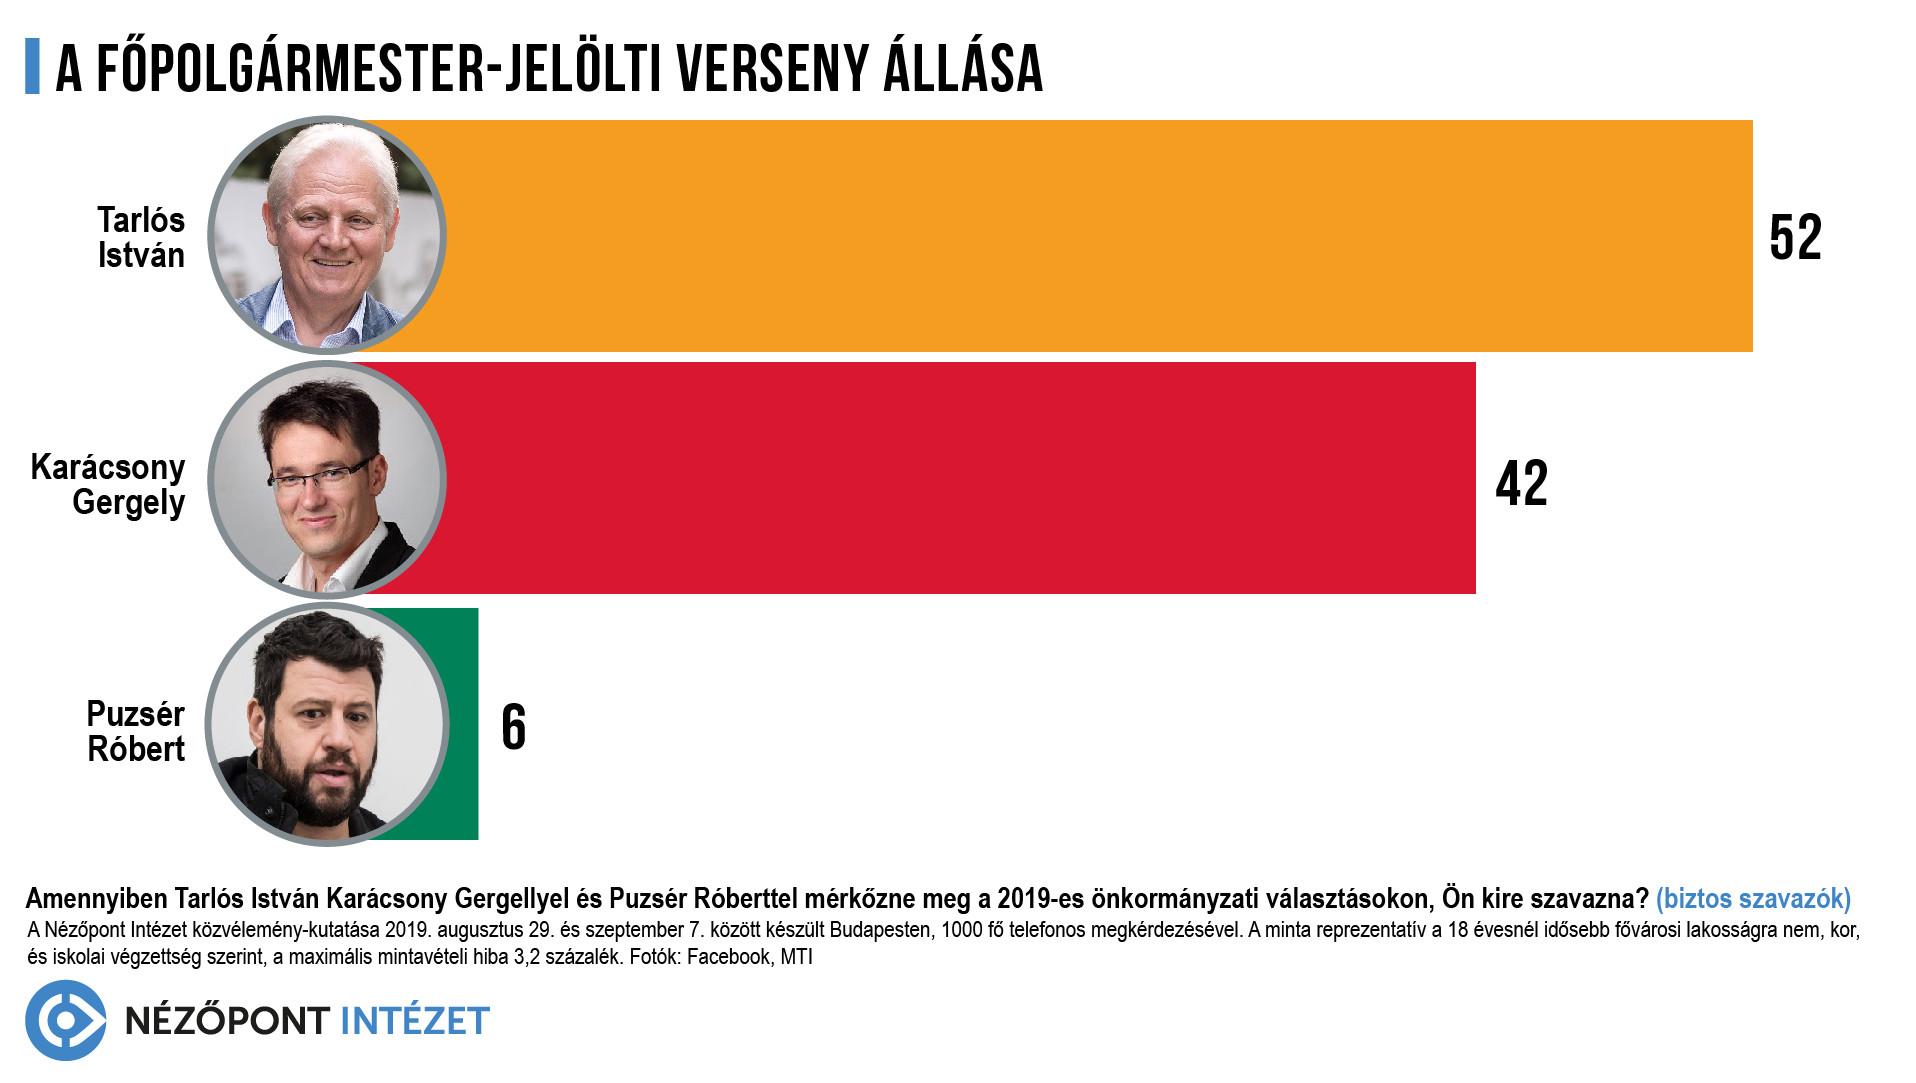 A főpolgármester-jelöltek versenyében is jelentős Tarlós István előnye